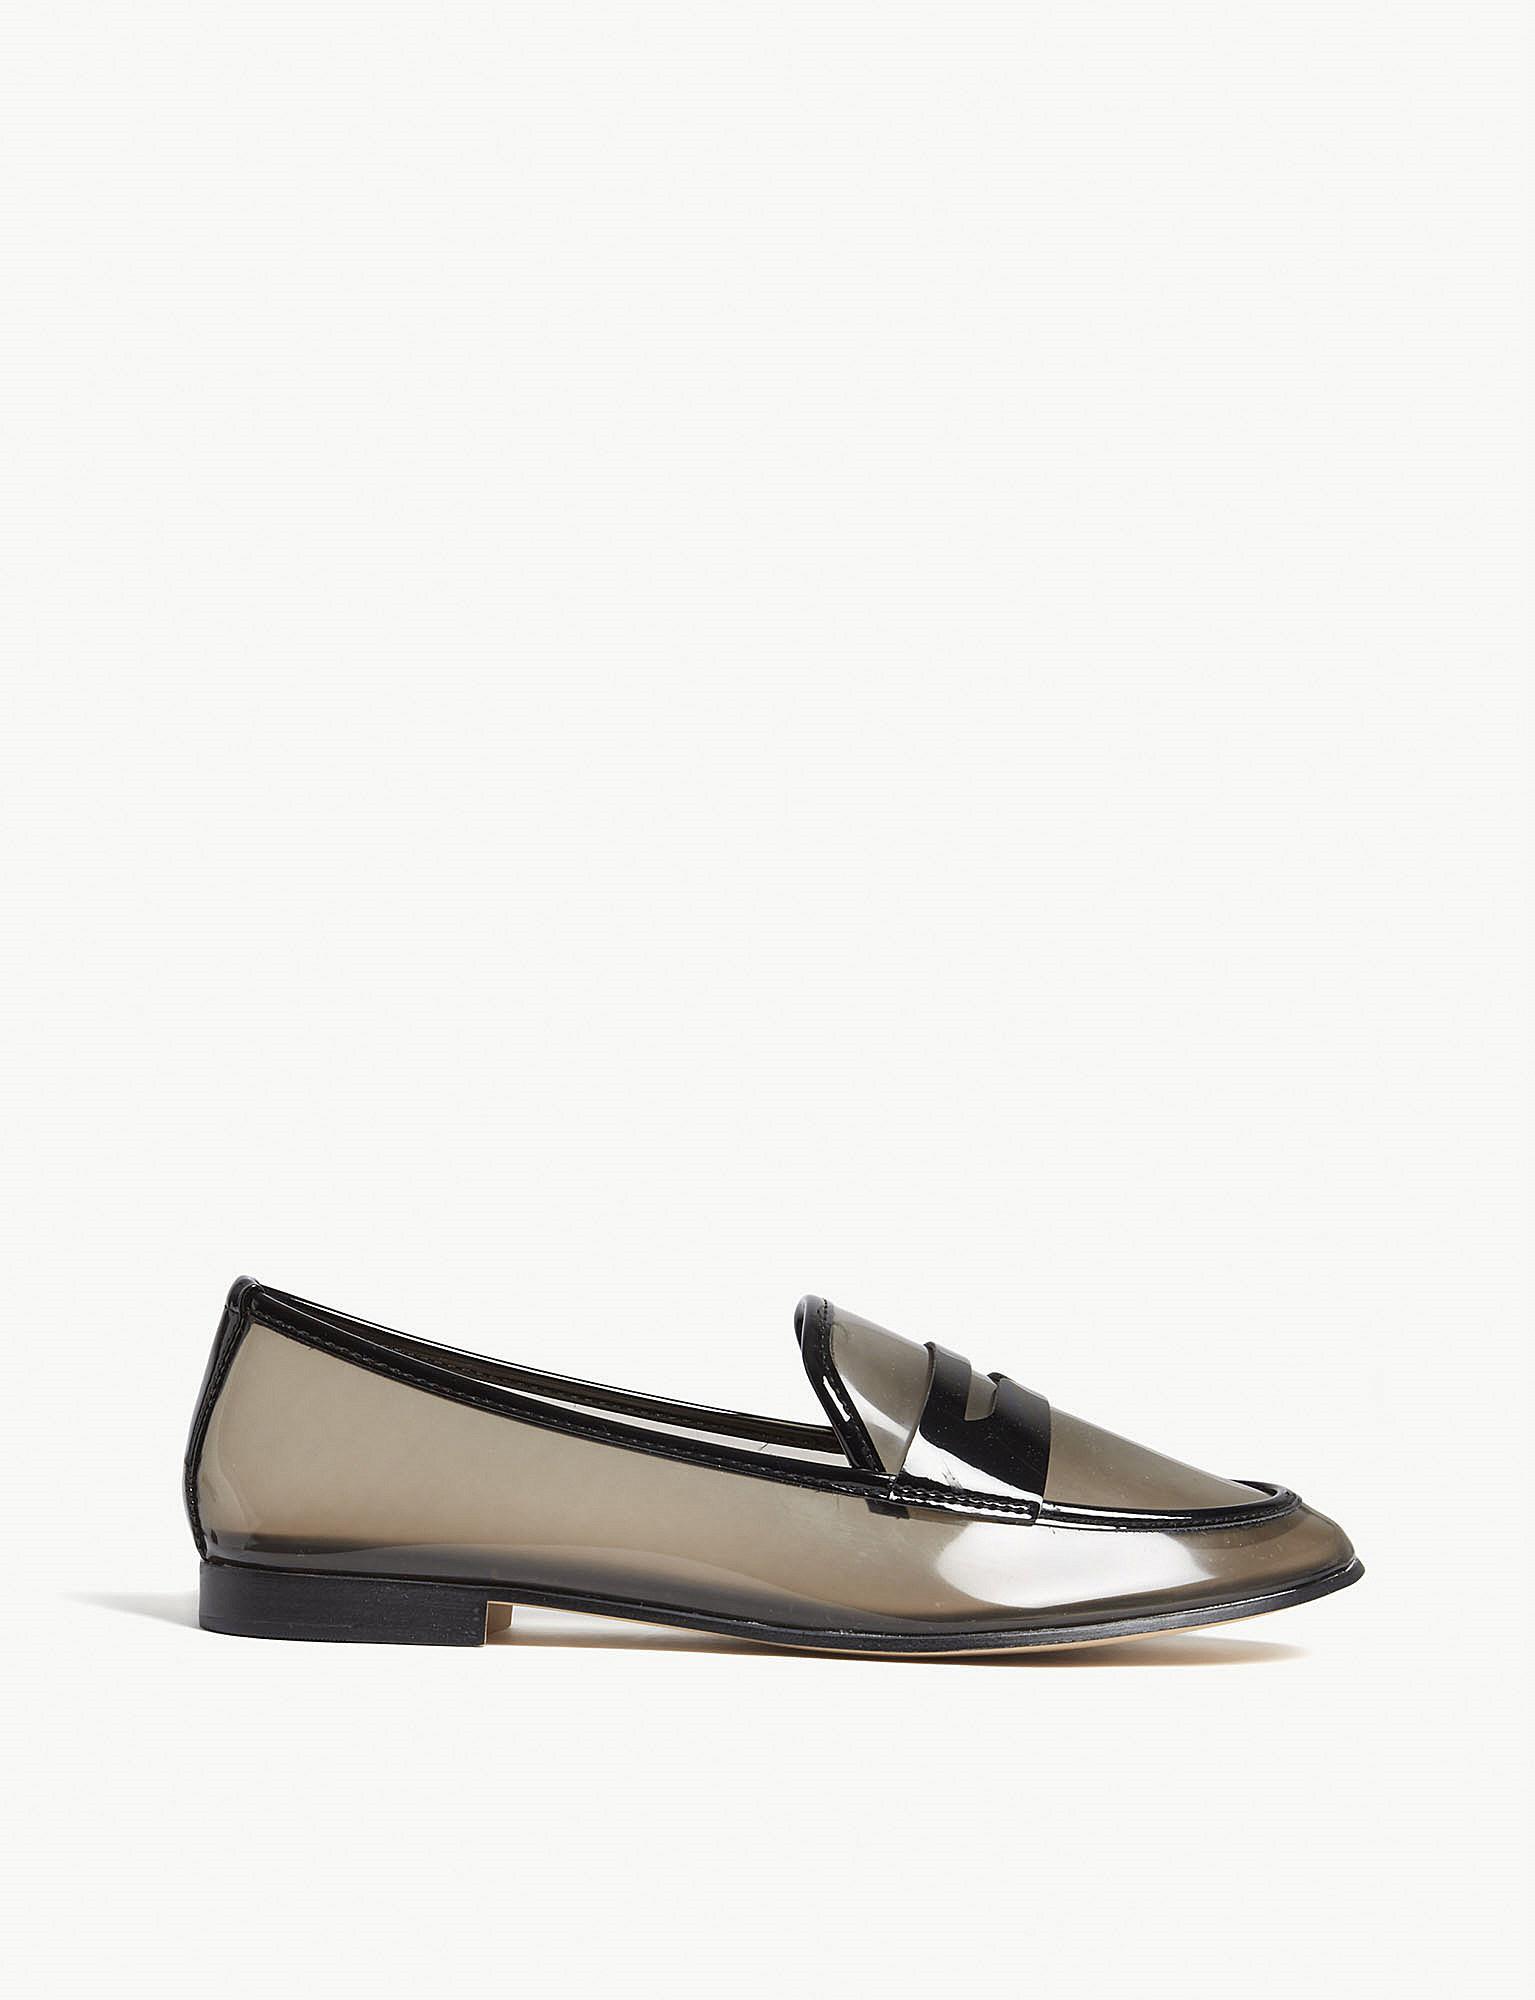 c10c215c10c Lyst - ALDO Heiwit Transparent Loafers in Black